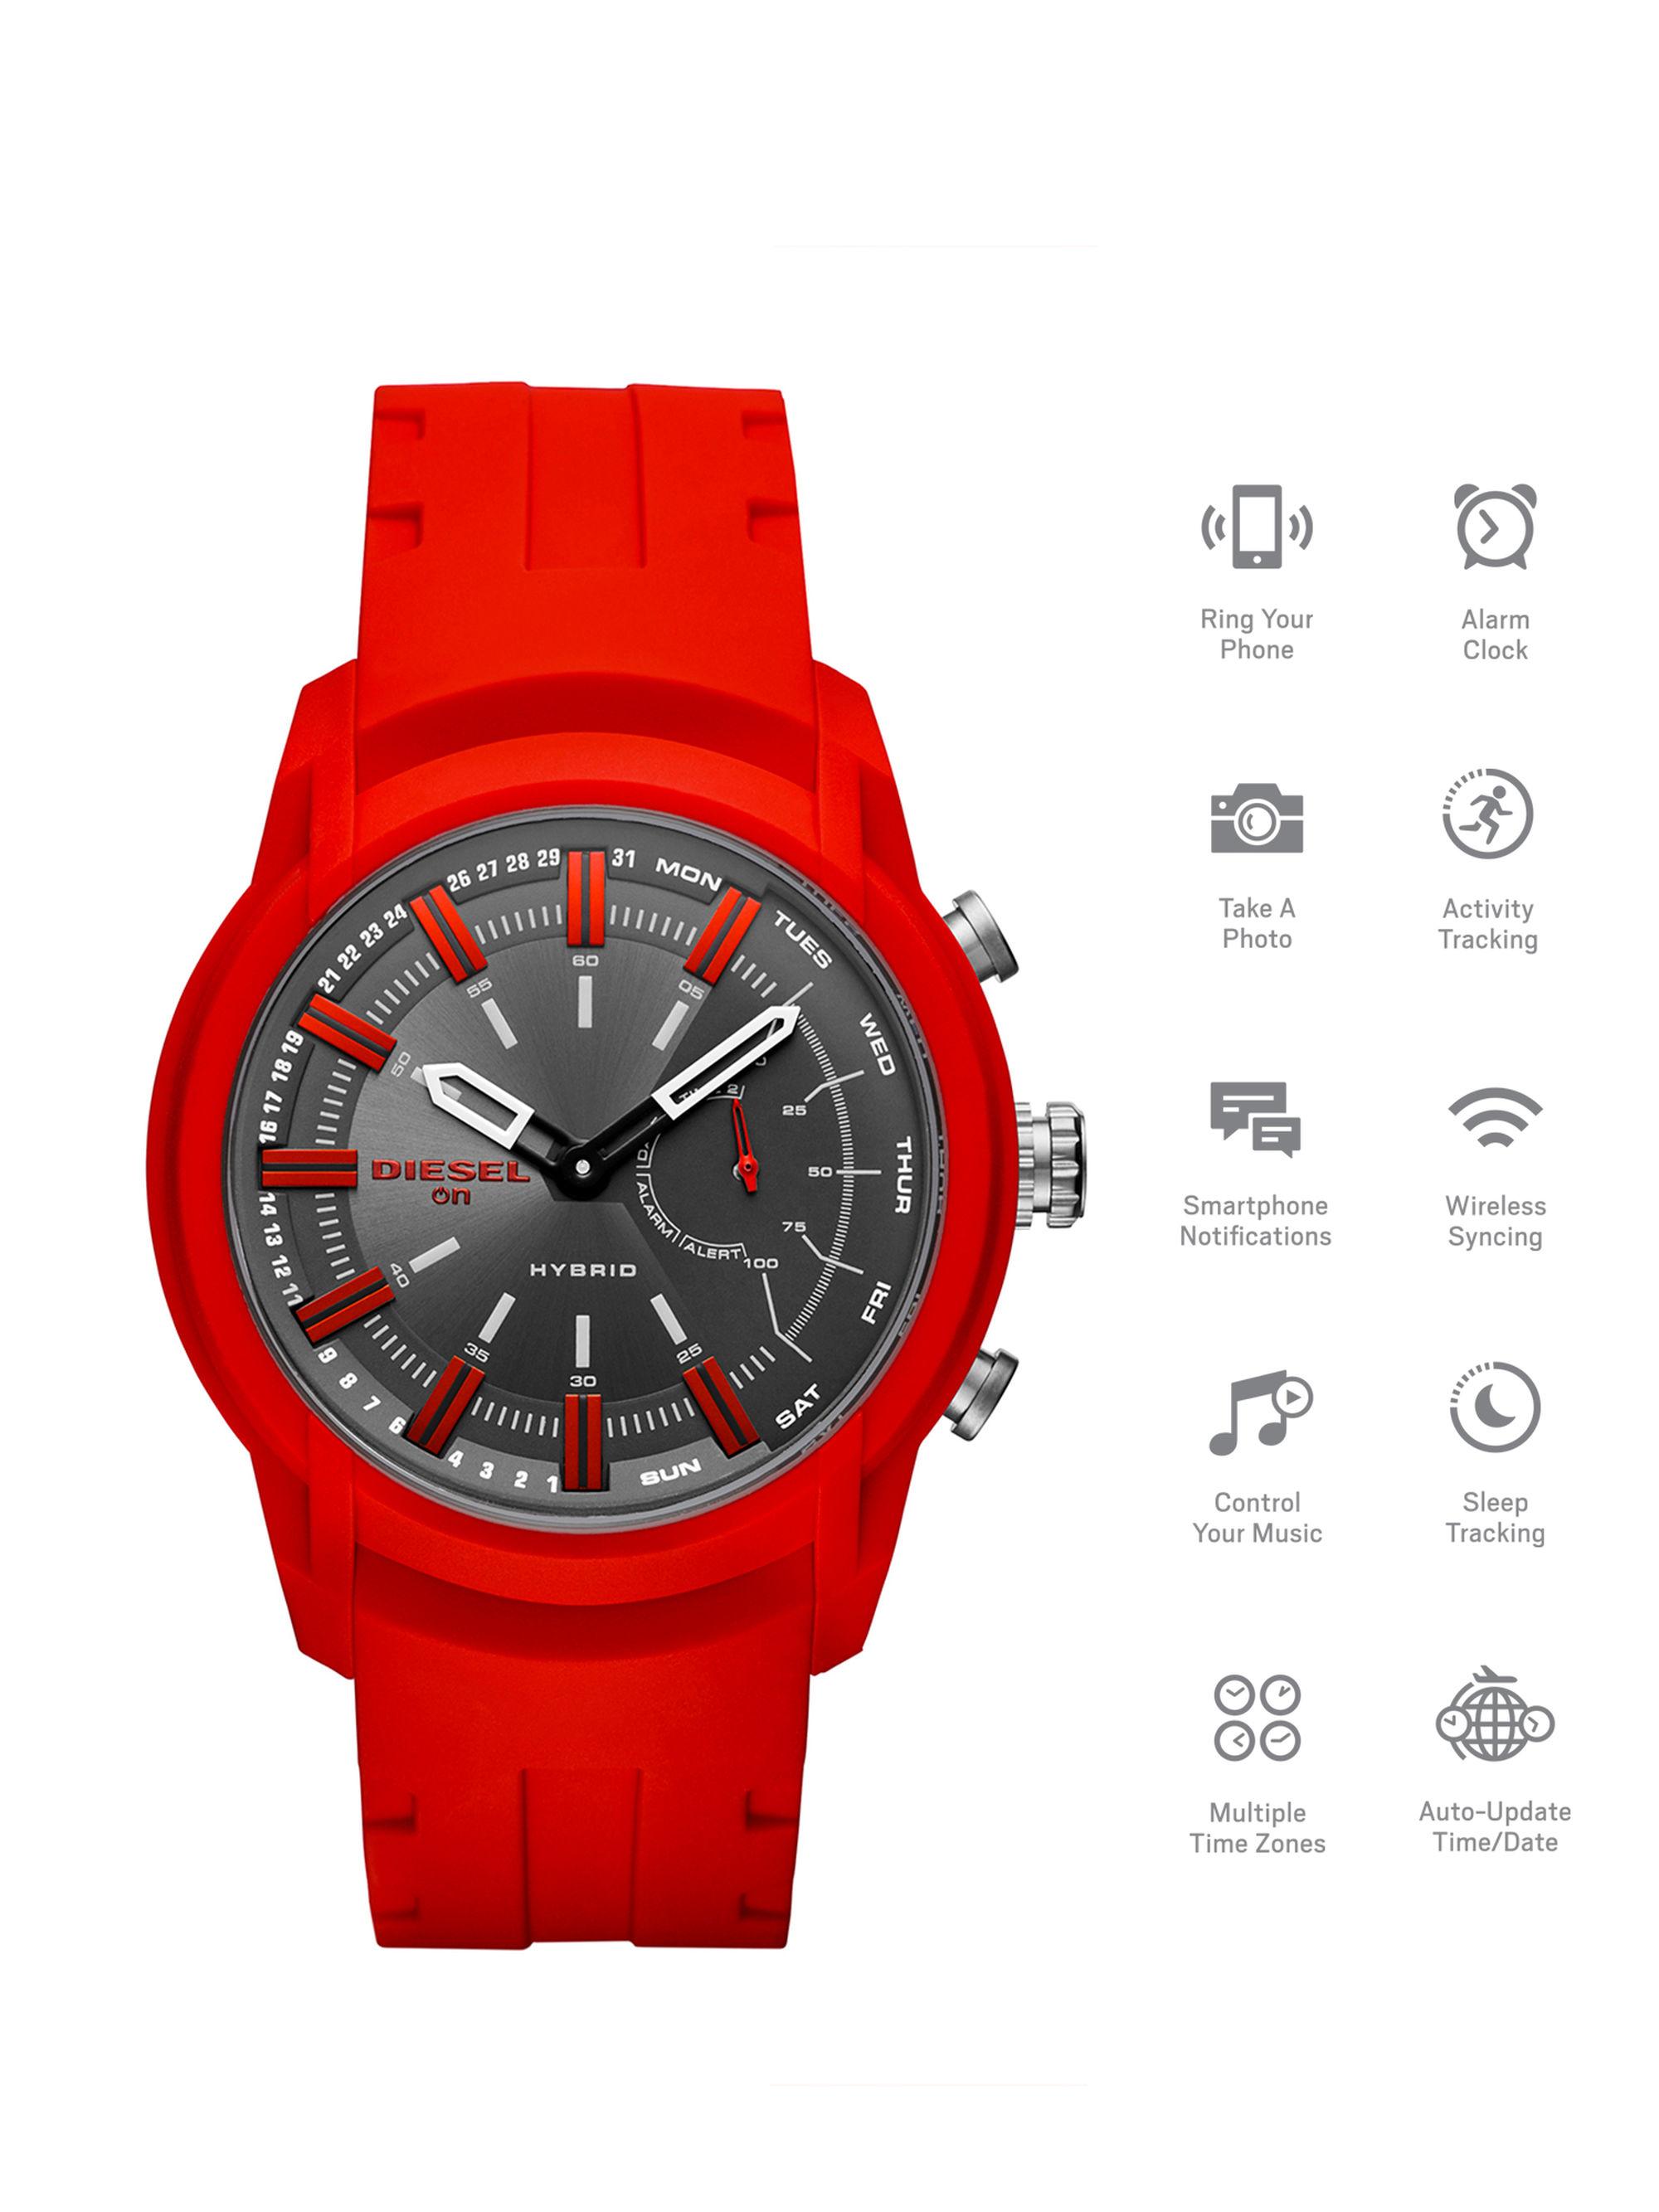 นาฬิกาผู้ชาย Diesel รุ่น DZT1016, Diesel On Armbar Hybrid Men's Watch